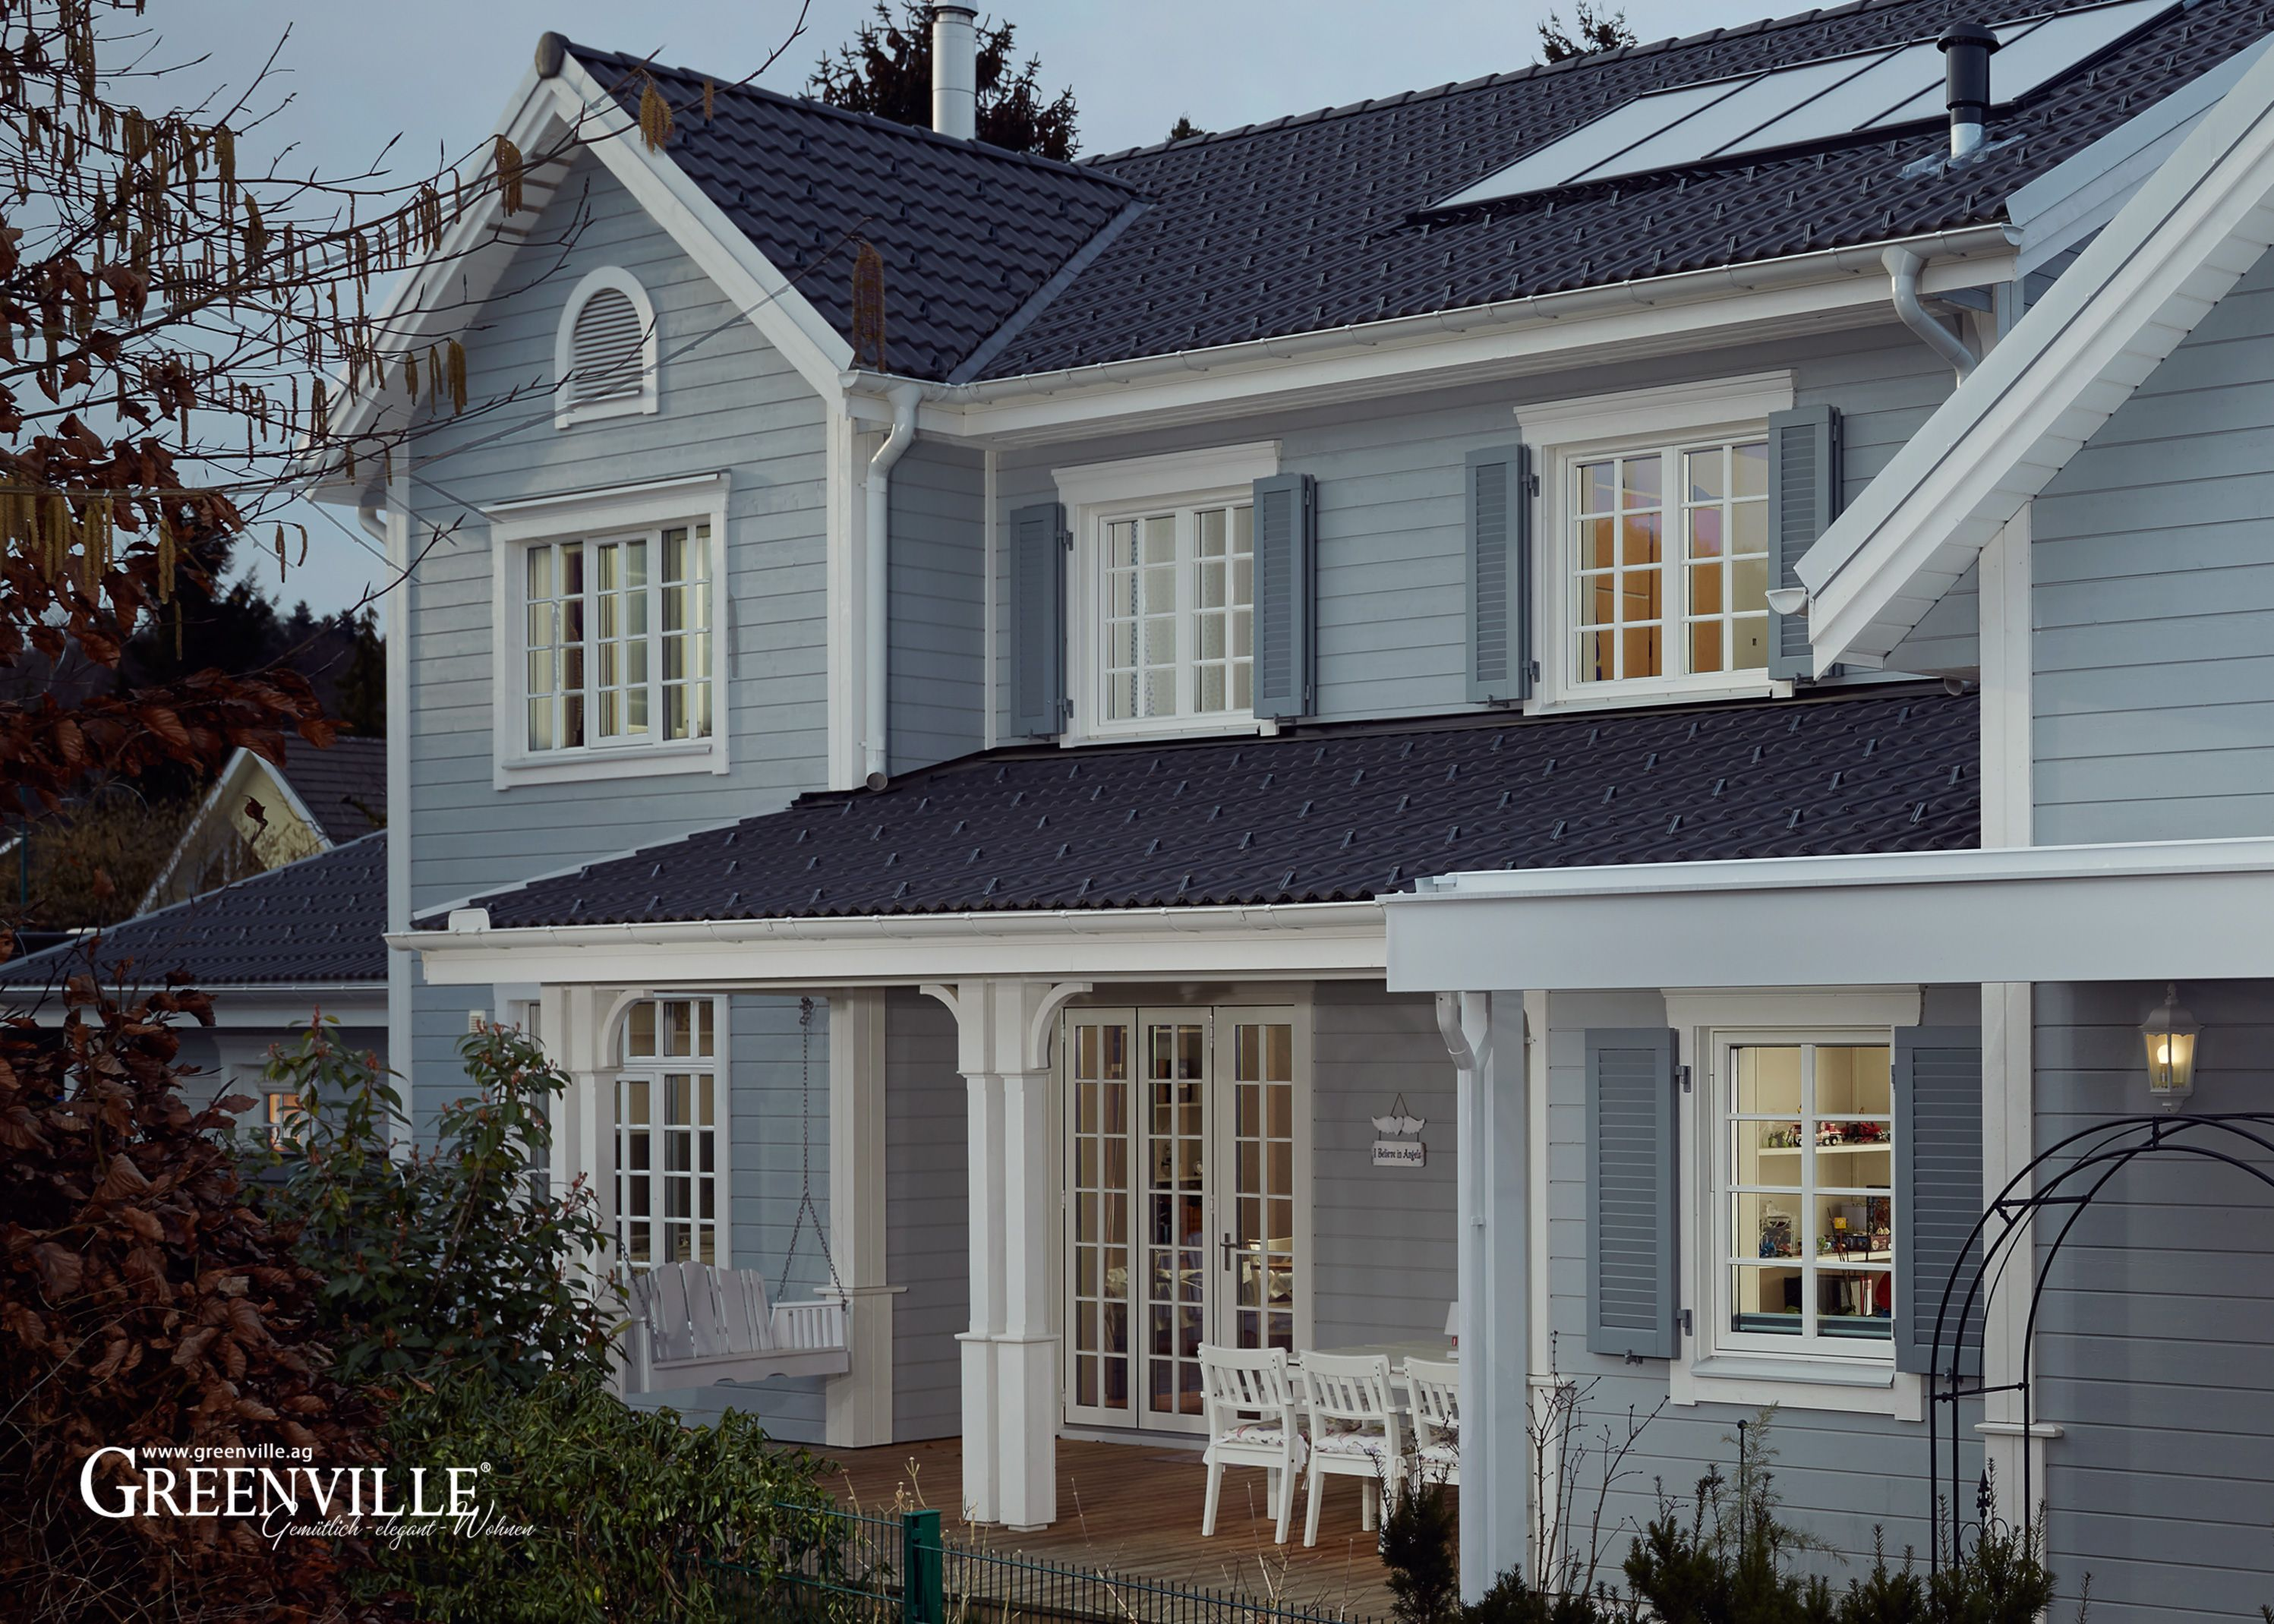 Ihren Traum Vom Individuellen Wohnen Hat Sich Eine Unternehmerin Aus Basel  Verwirklicht. Die Idee Zur Architektur Des Hauses Entstand Auf Unserer  Letzten ...